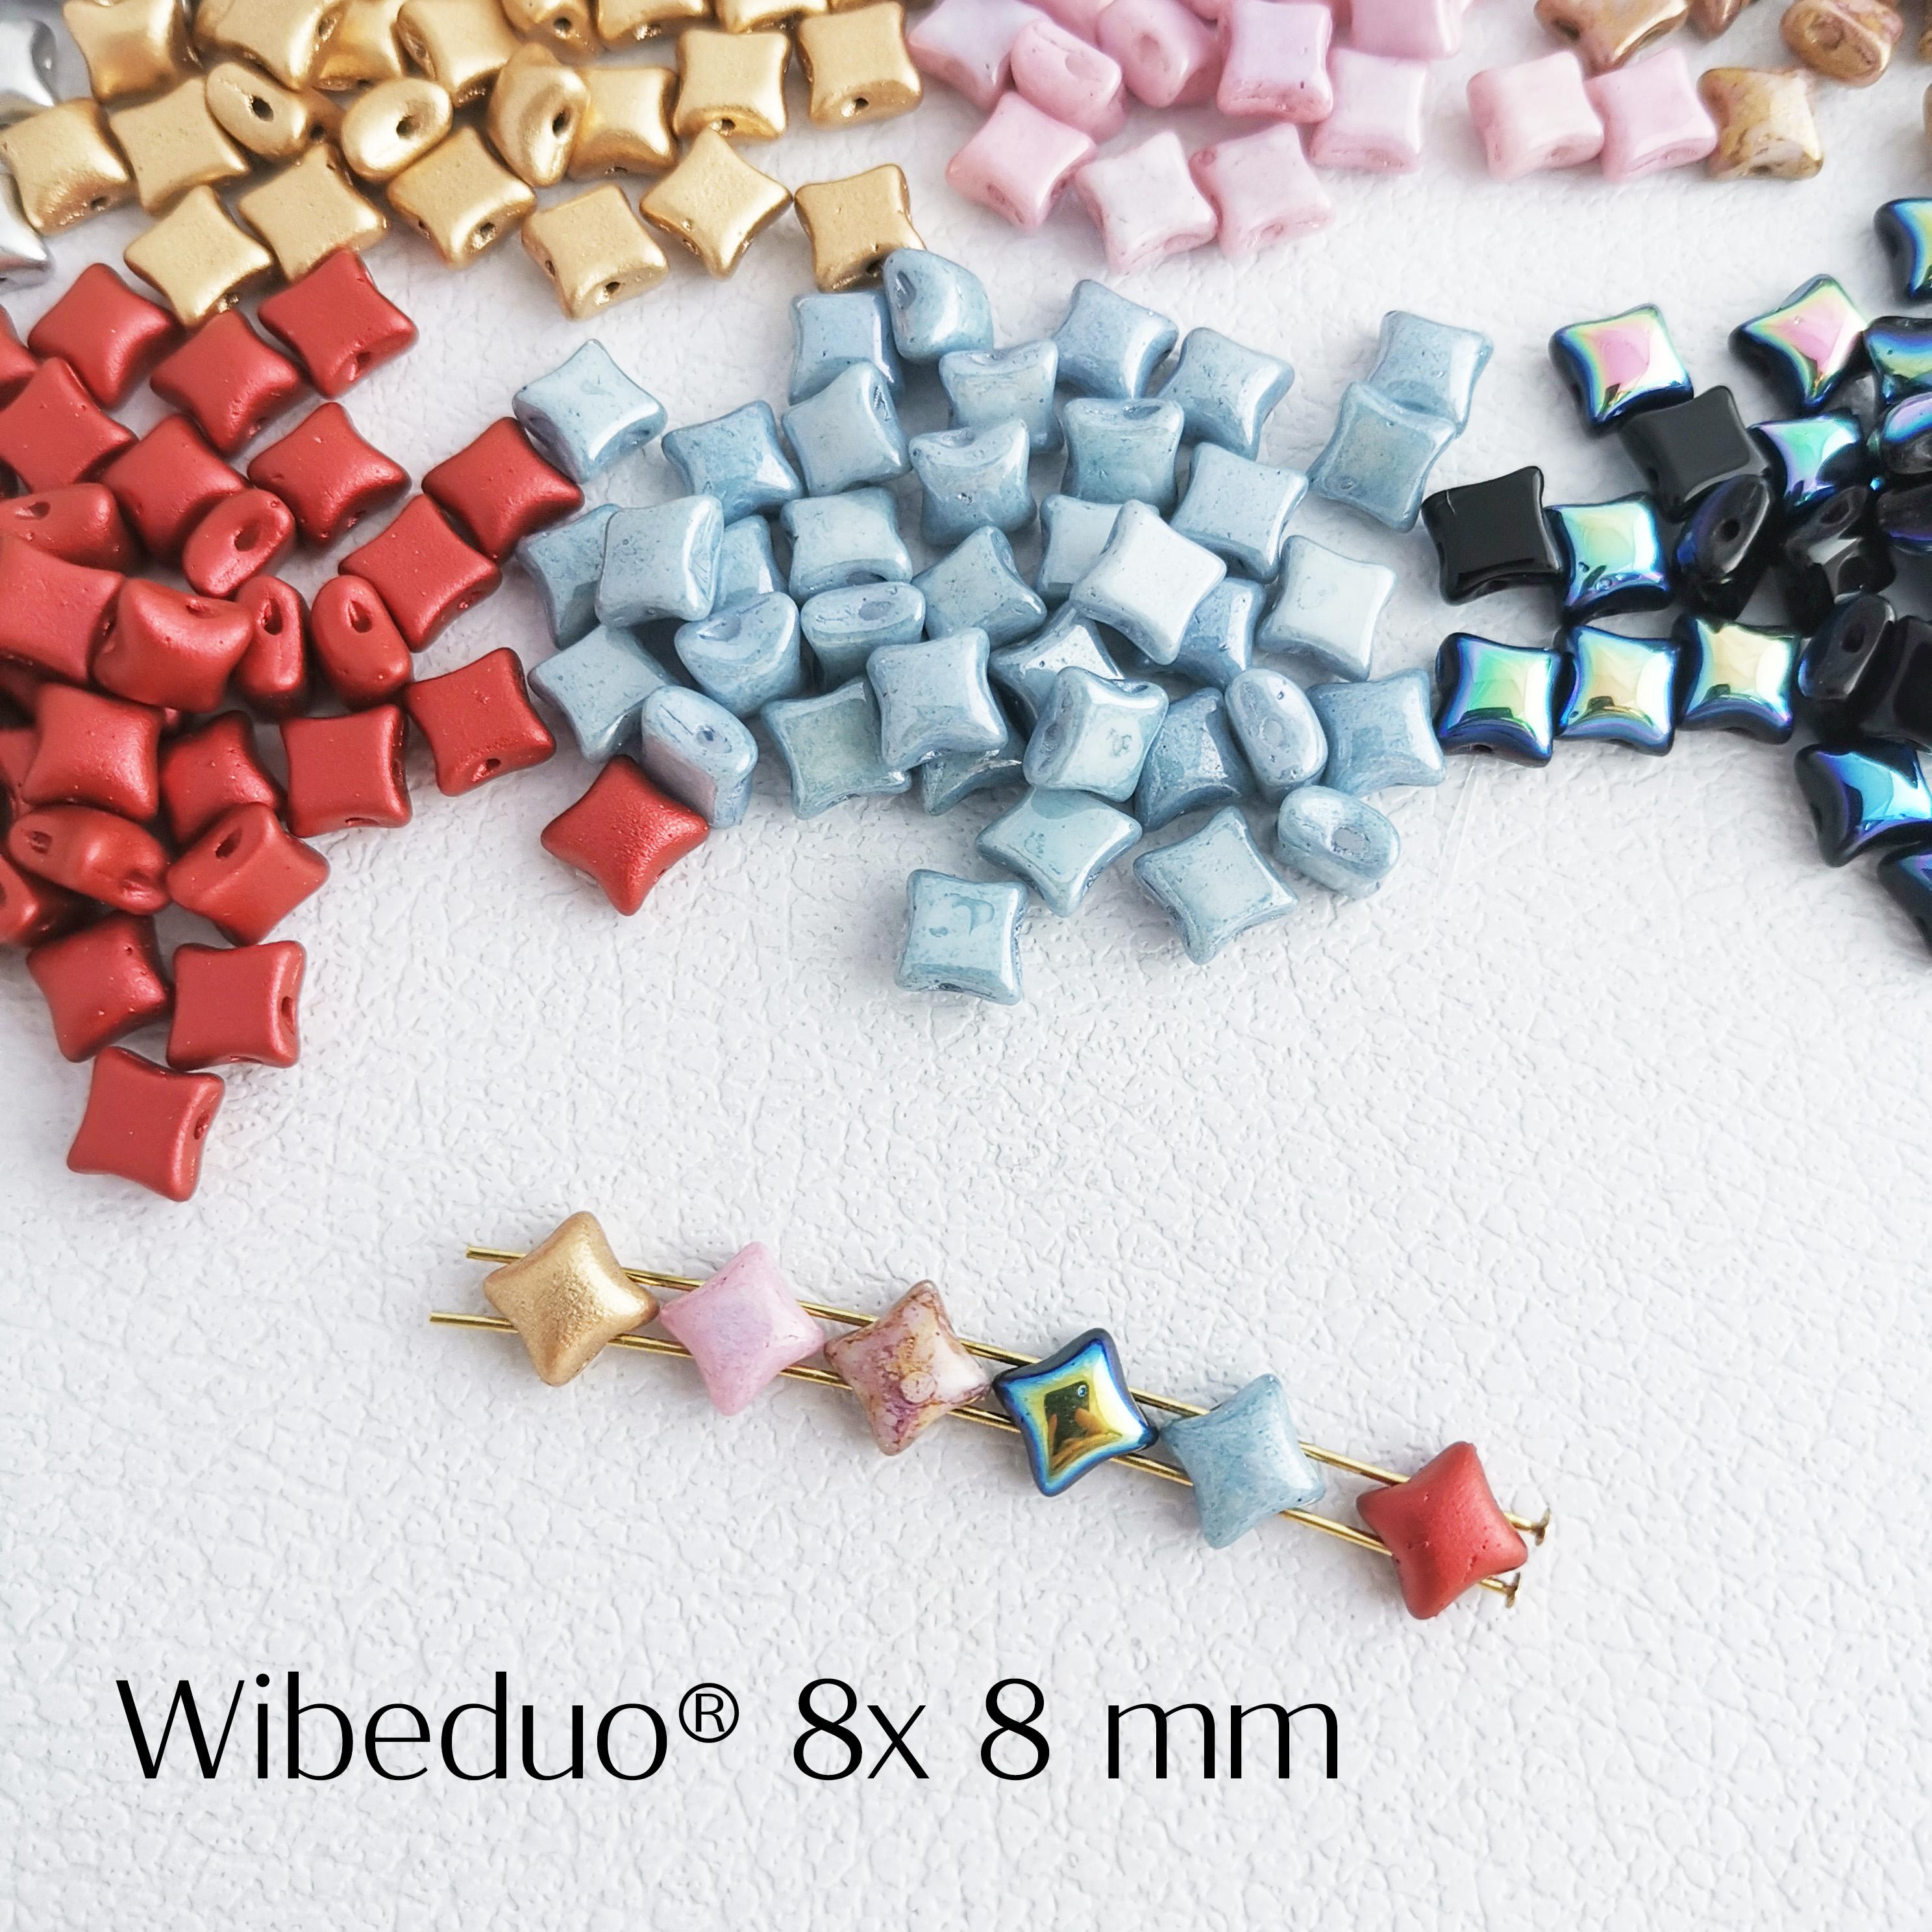 双孔四角星小星星捷克珠10个DIY手工饰品材料配件